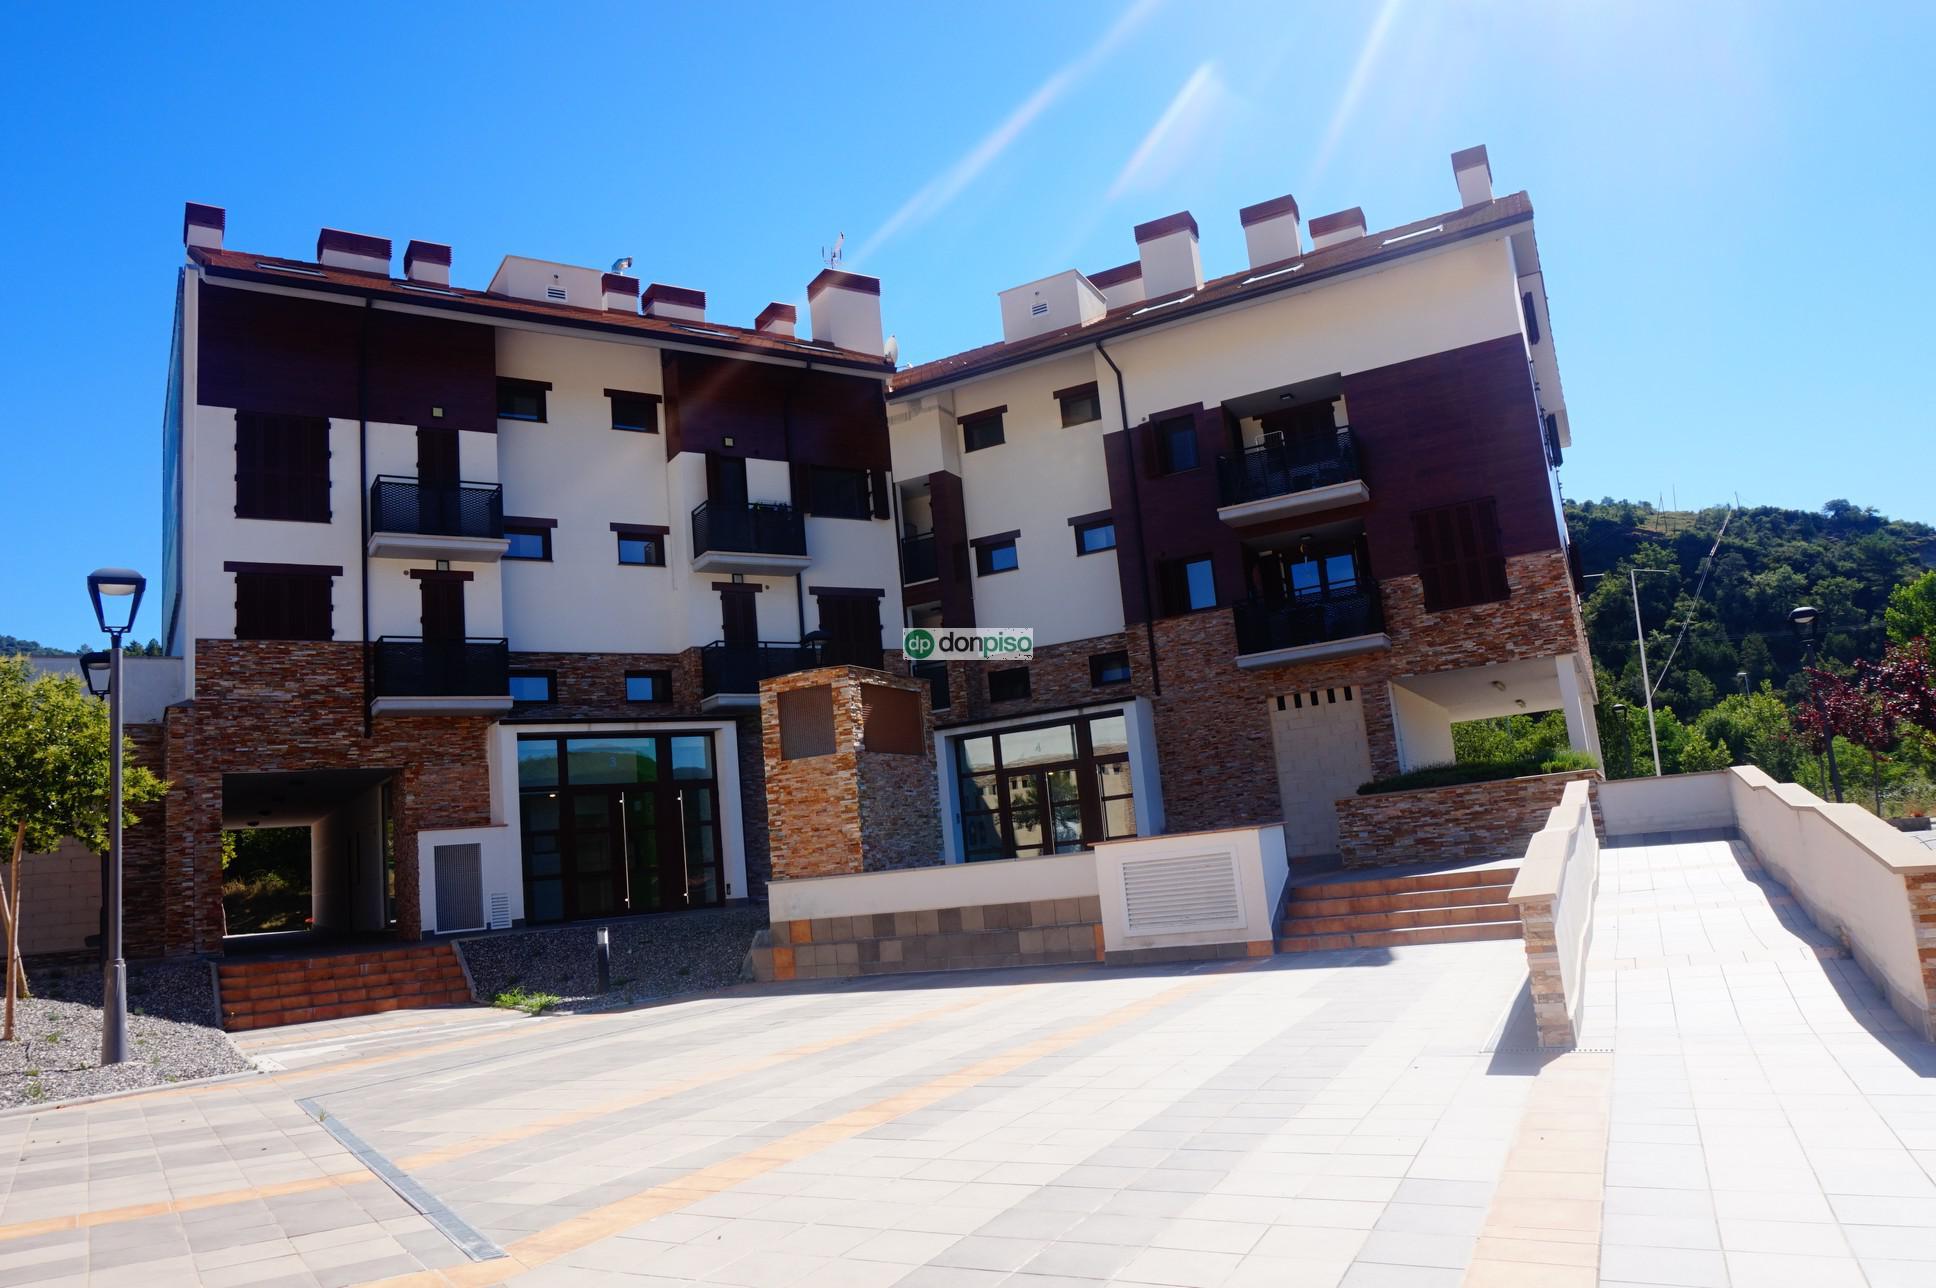 165658 - Hotel balneario Monasterio de Boltaña